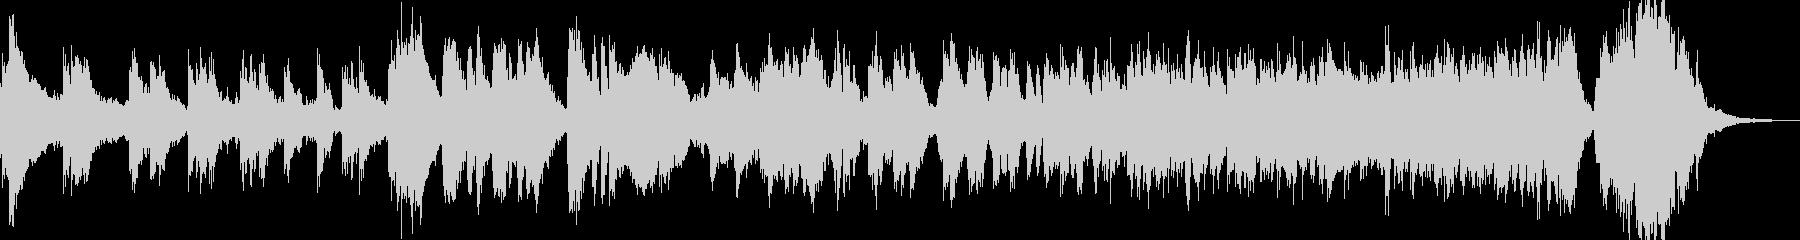 メリハリ 打楽器 金管楽器の未再生の波形